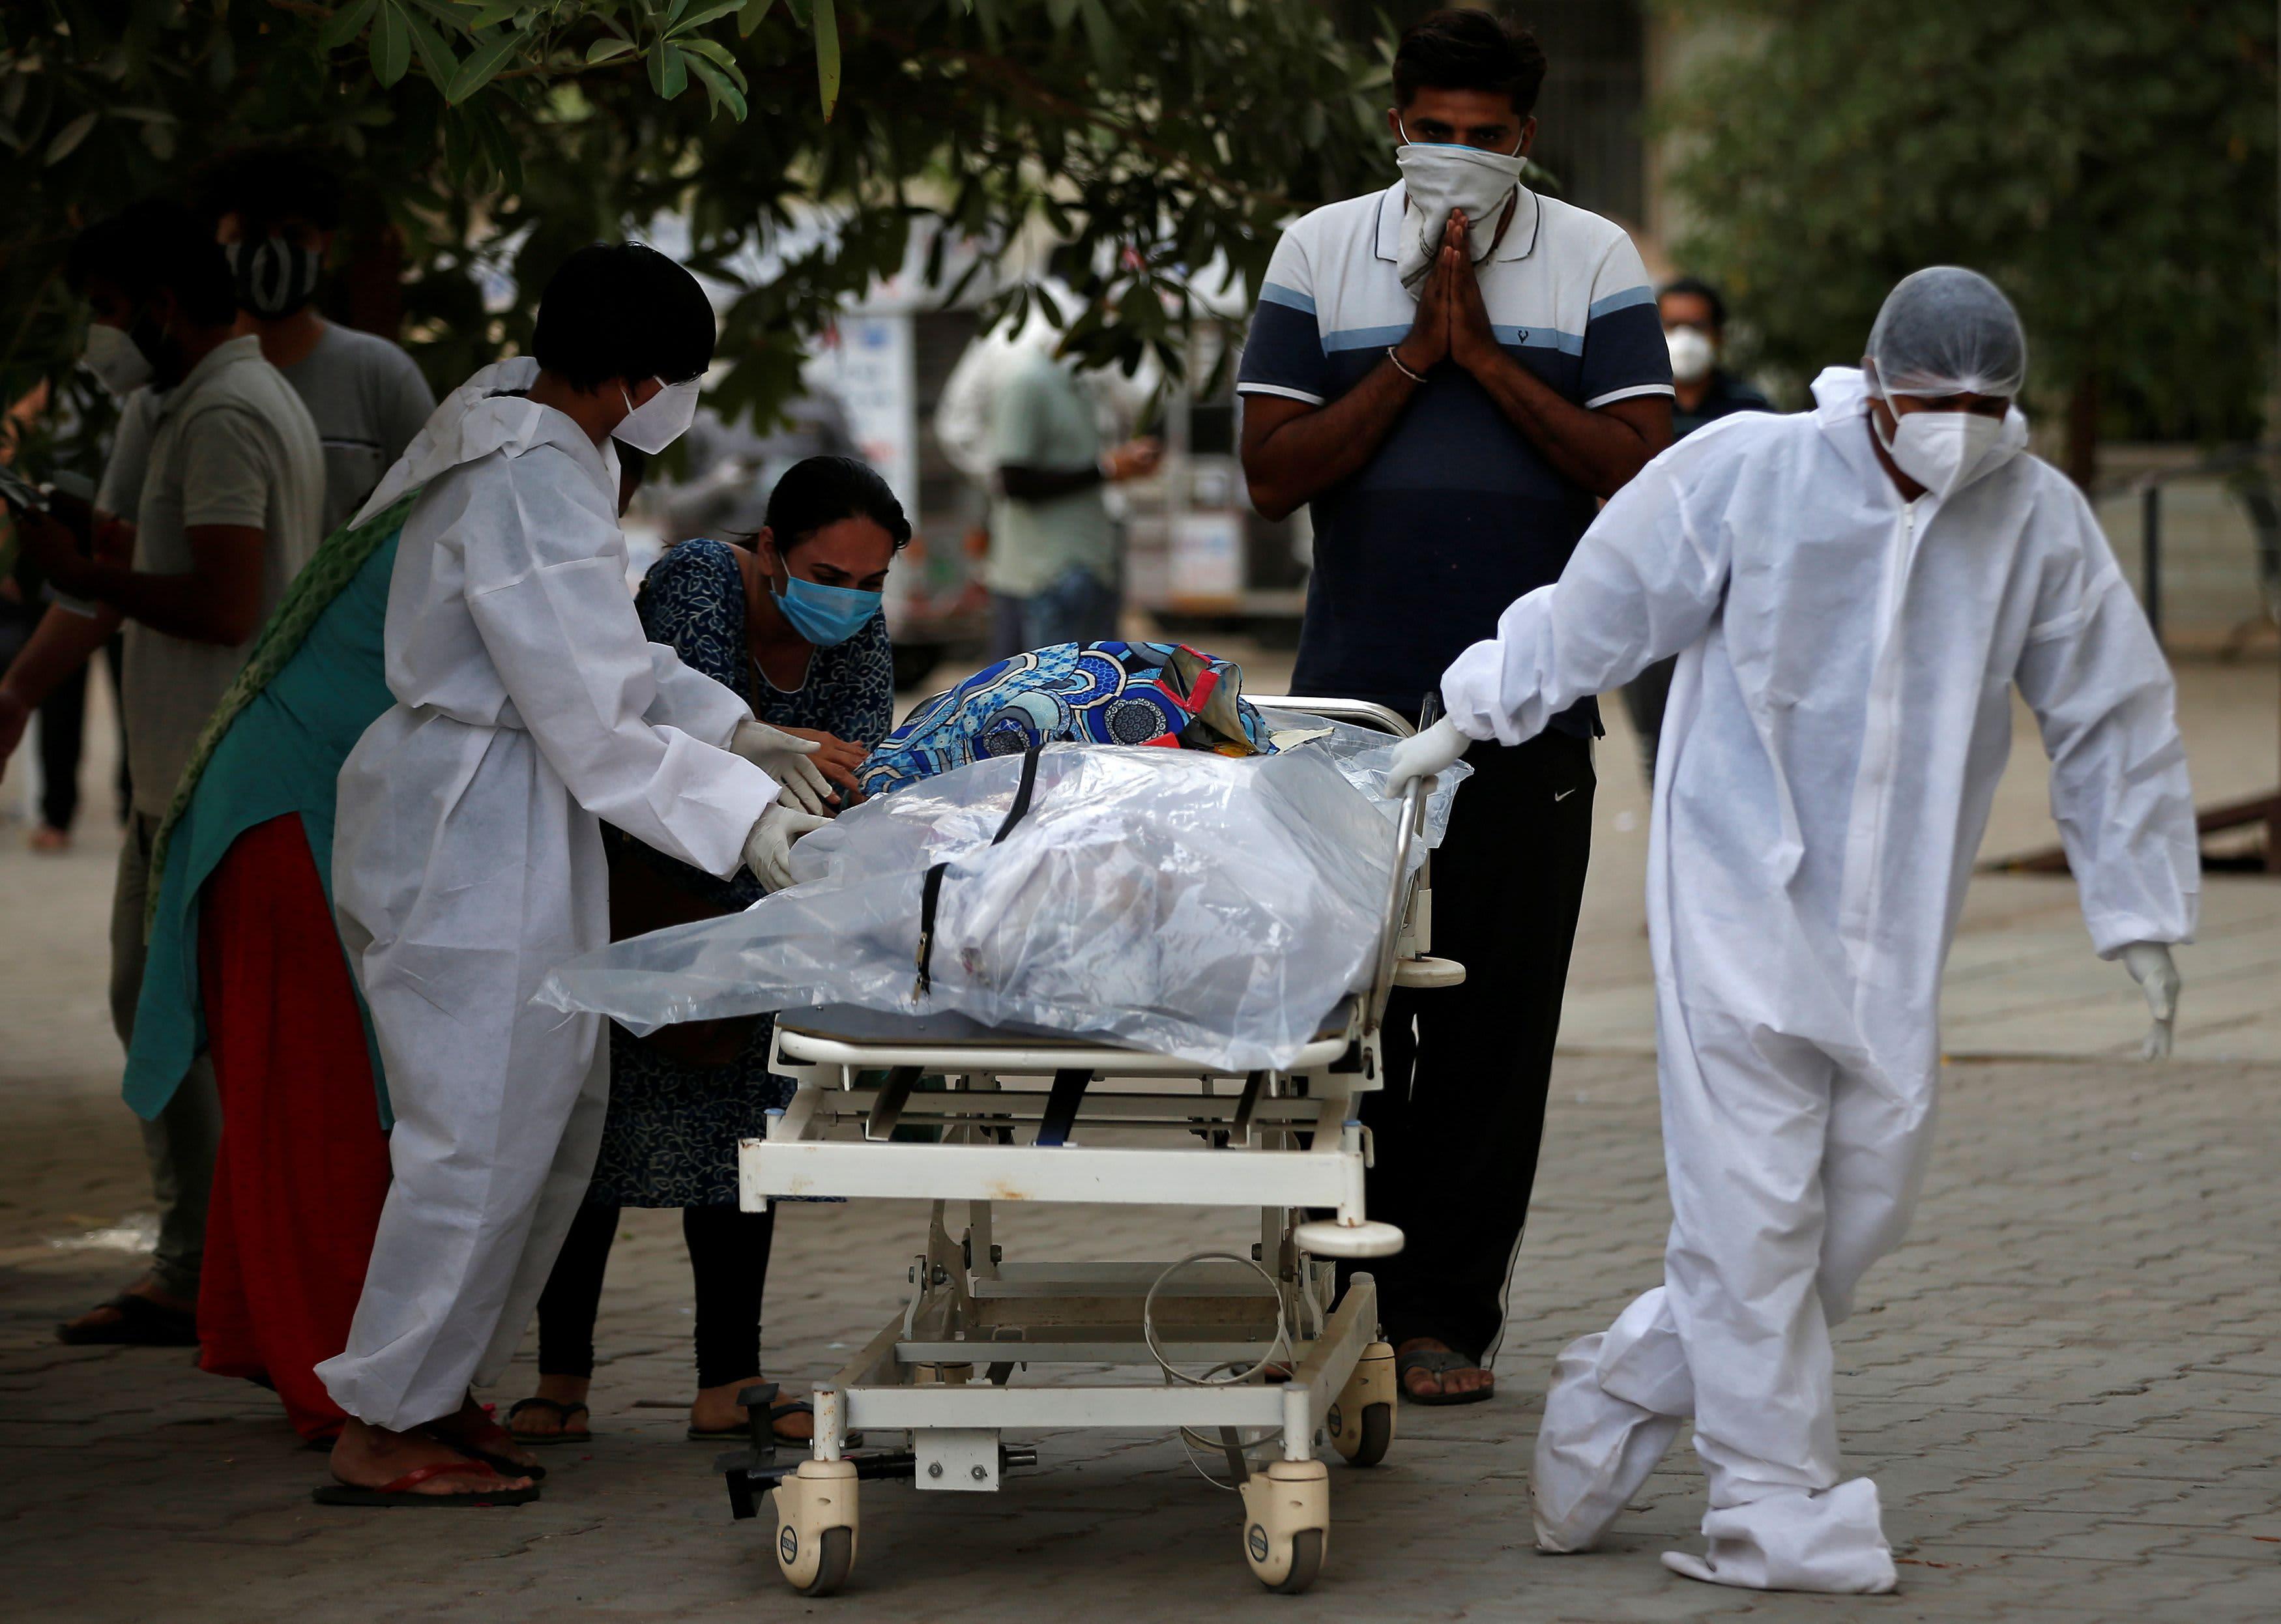 Les scientifiques disent que le gouvernement indien a ignoré les avertissements au milieu de la flambée des coronavirus